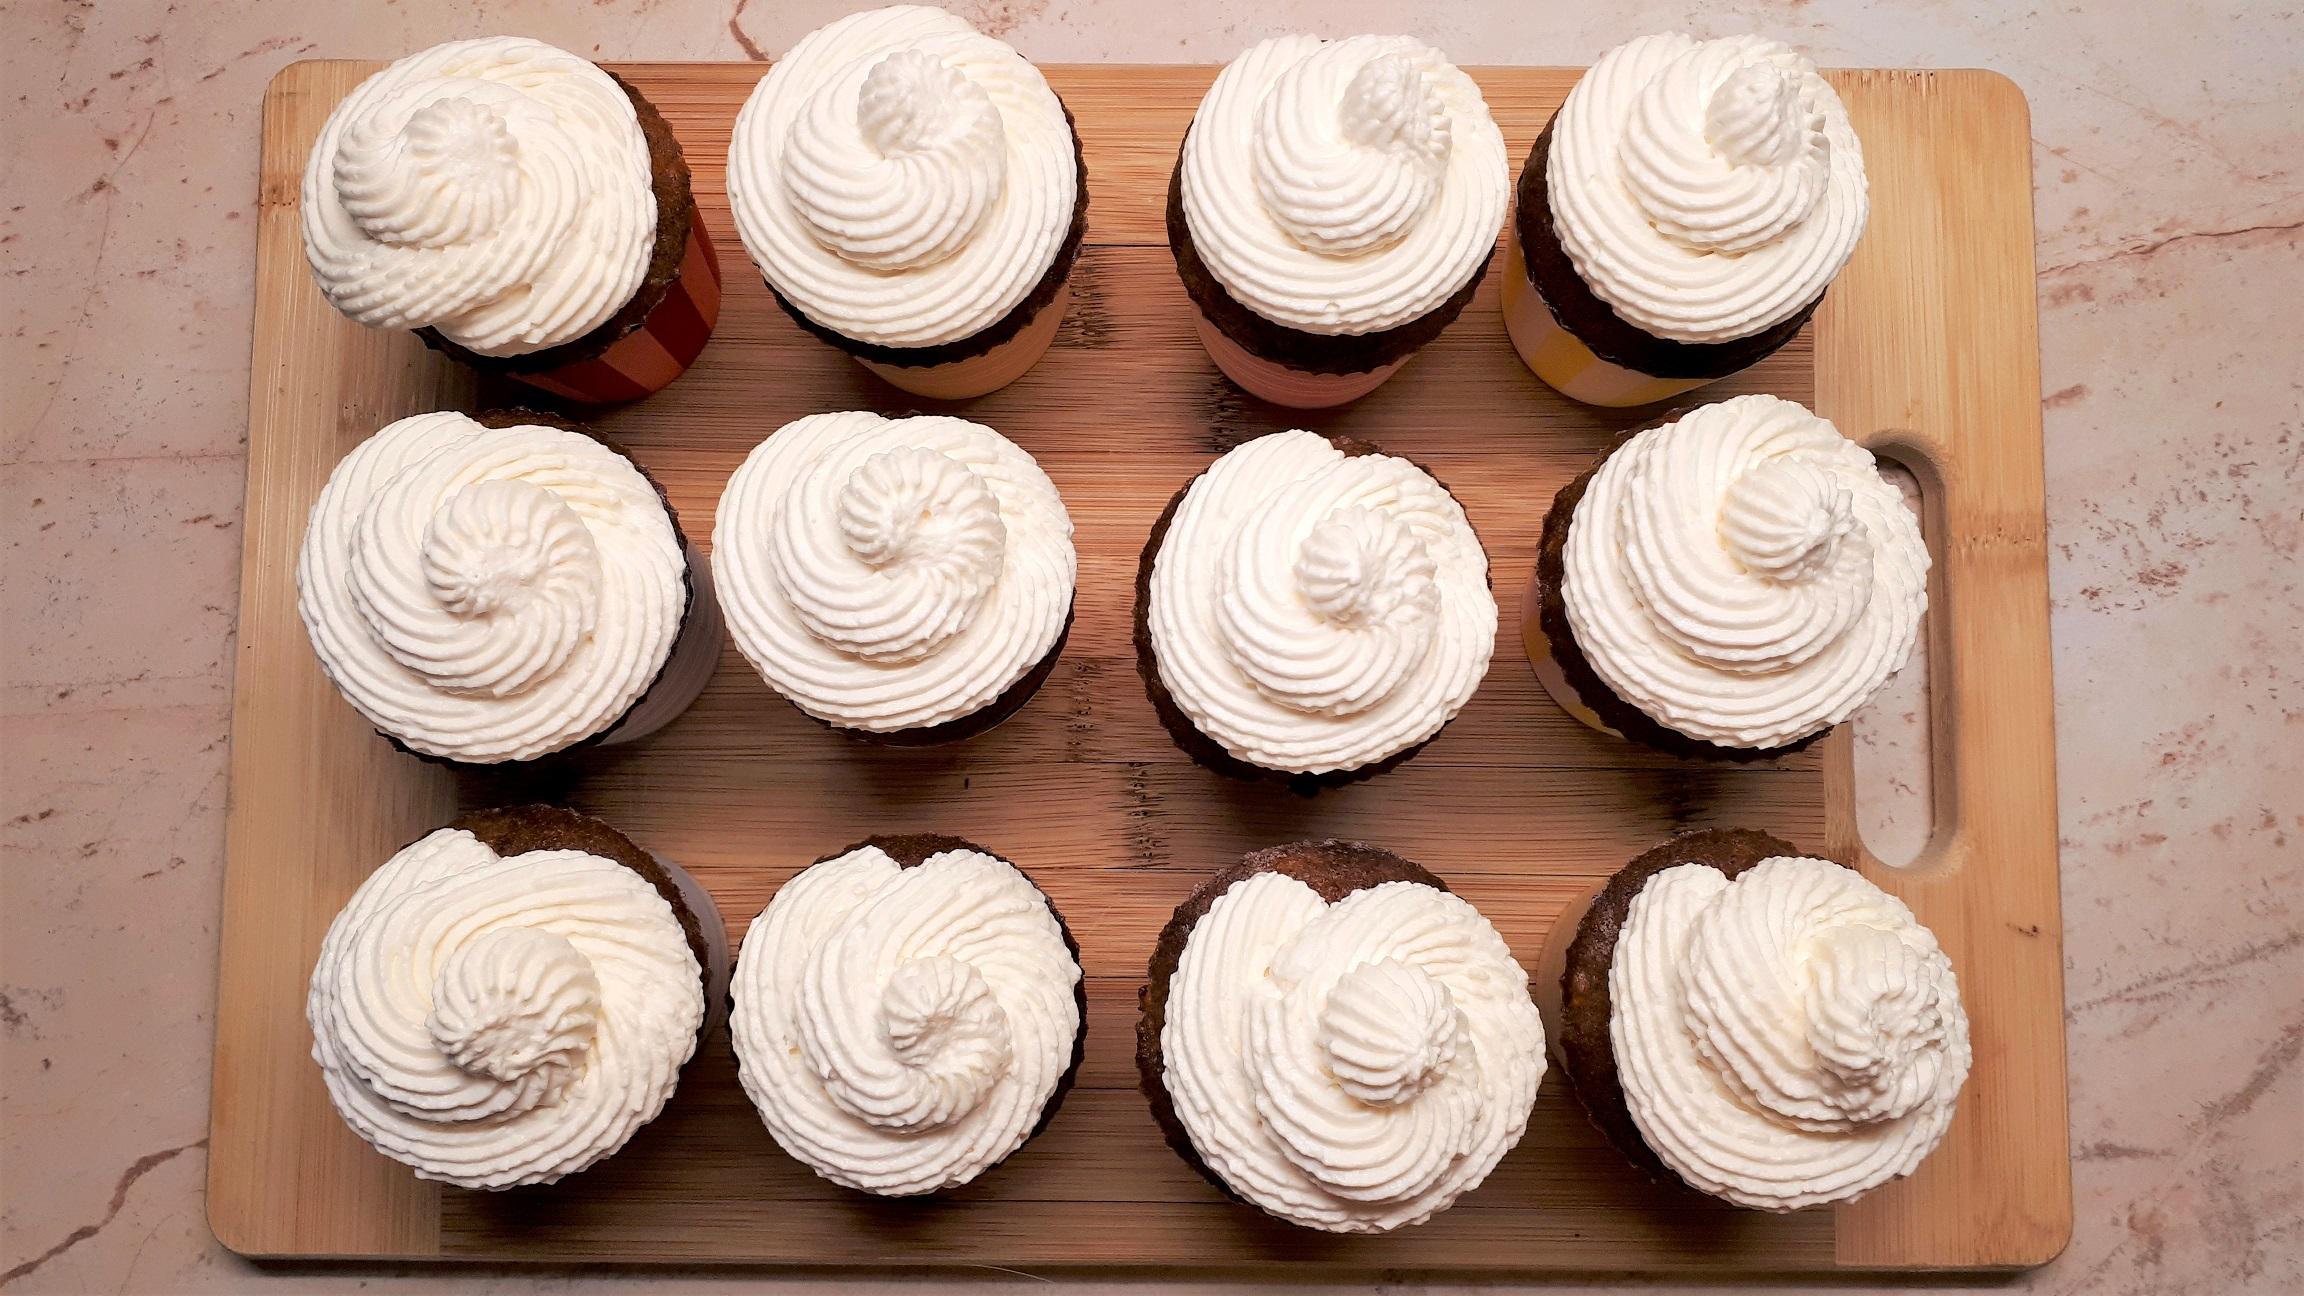 Cukormentes répatorta muffin light mascarpone krémmel Dia Wellness szénhidrátcsökkentett lisztből